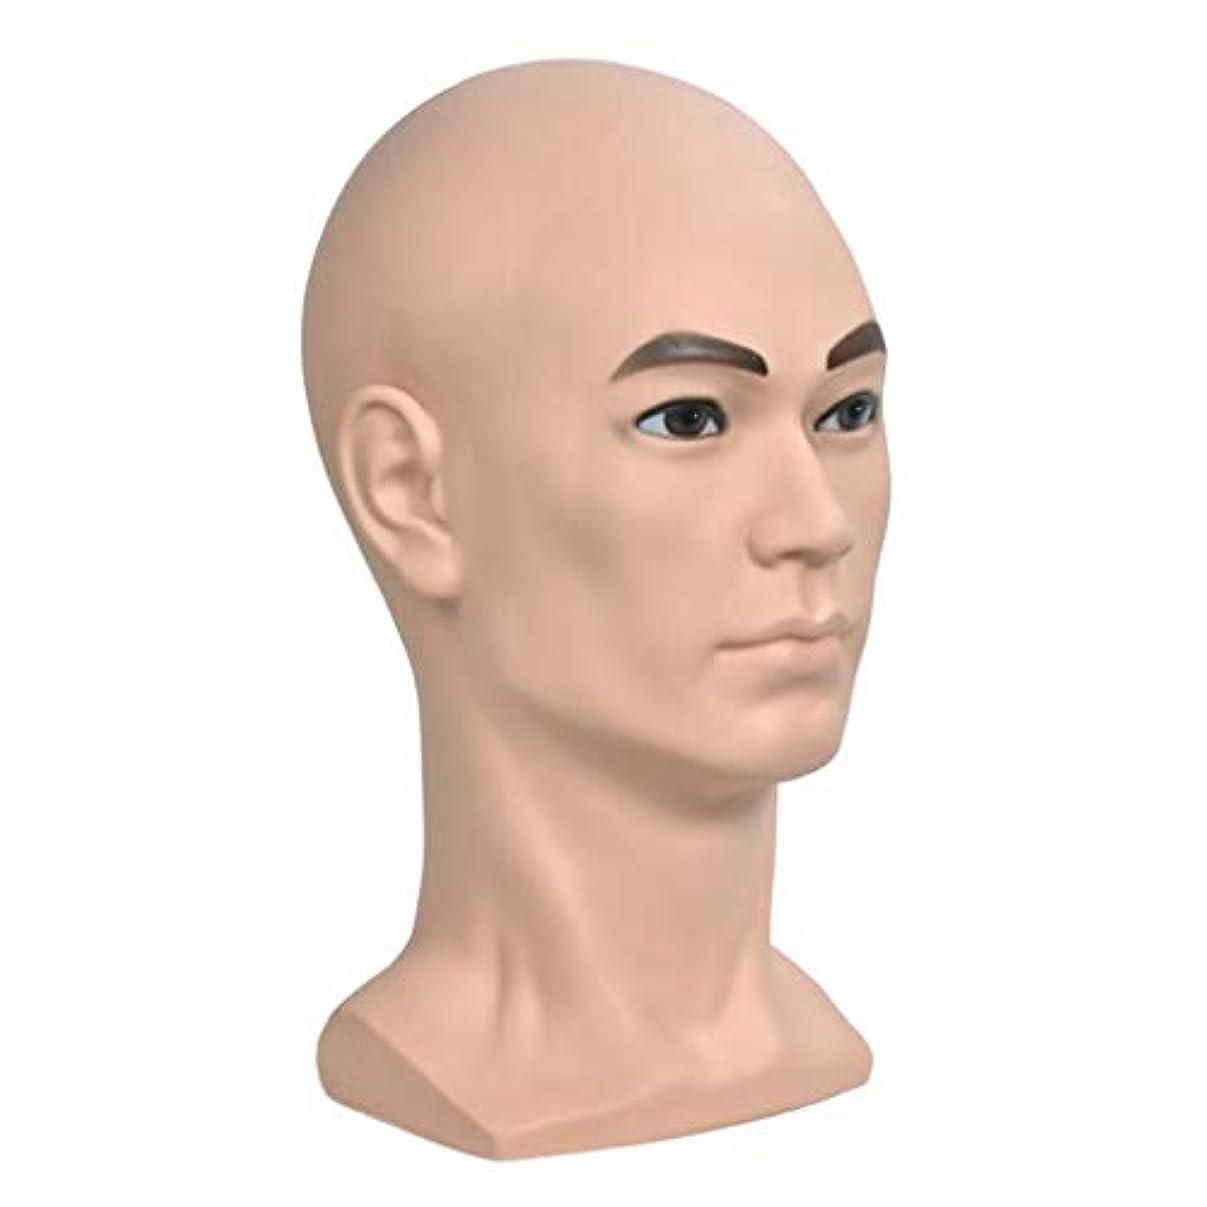 キャベツモットー補正Tachiuwa マネキンヘッド 男性 ウィッグ かつら スタンド 帽子 宝石 スカーフ ディスプレイ スタンド